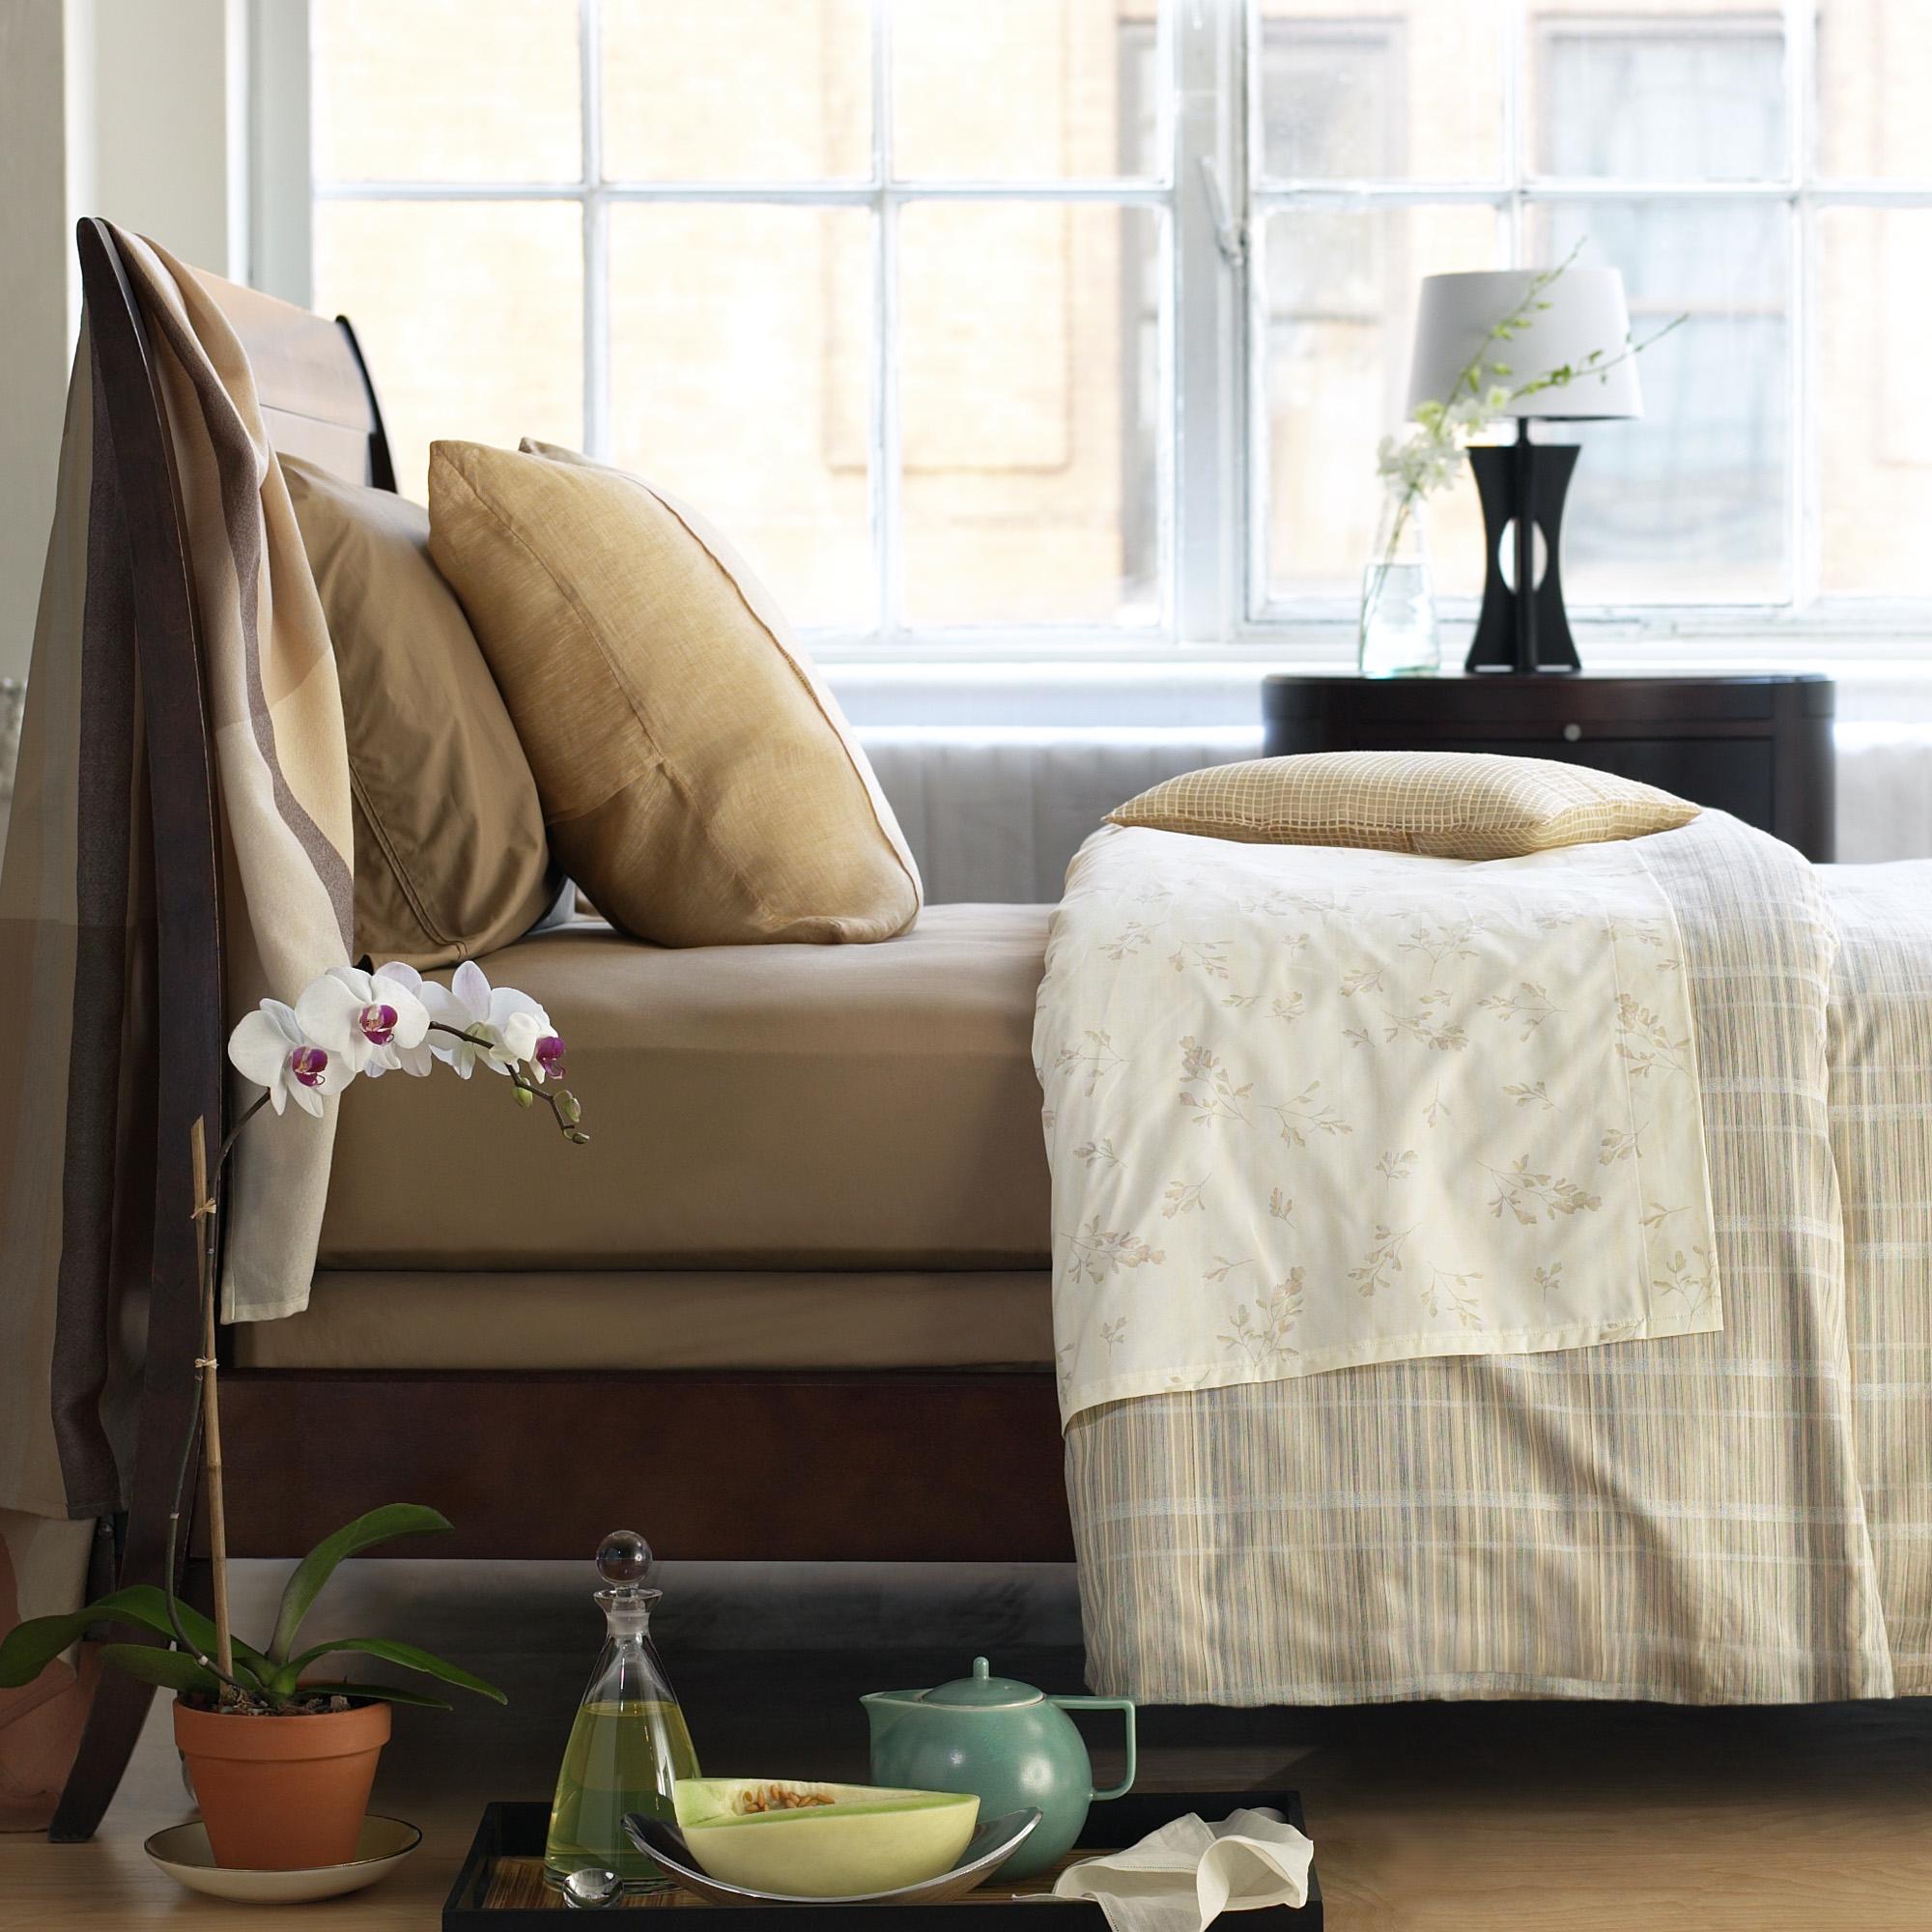 Bed & Linens.jpg